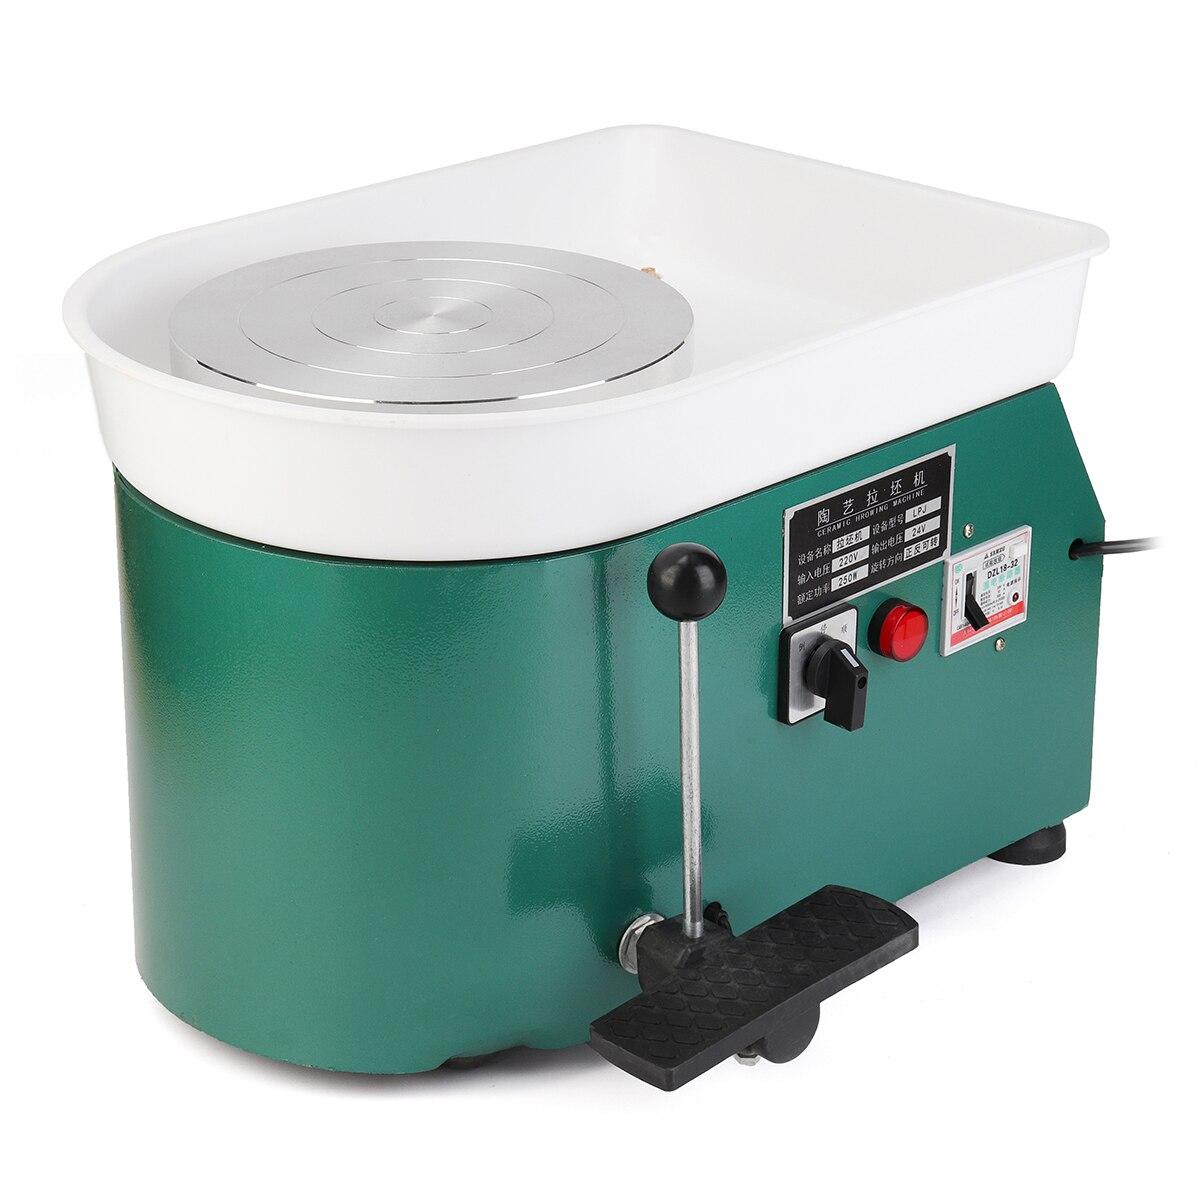 220 V 250 W 1 Set couleur verte AU Plug électrique poterie roue en céramique Machine argile pour travaux pratiques Art artisanat outil équipement